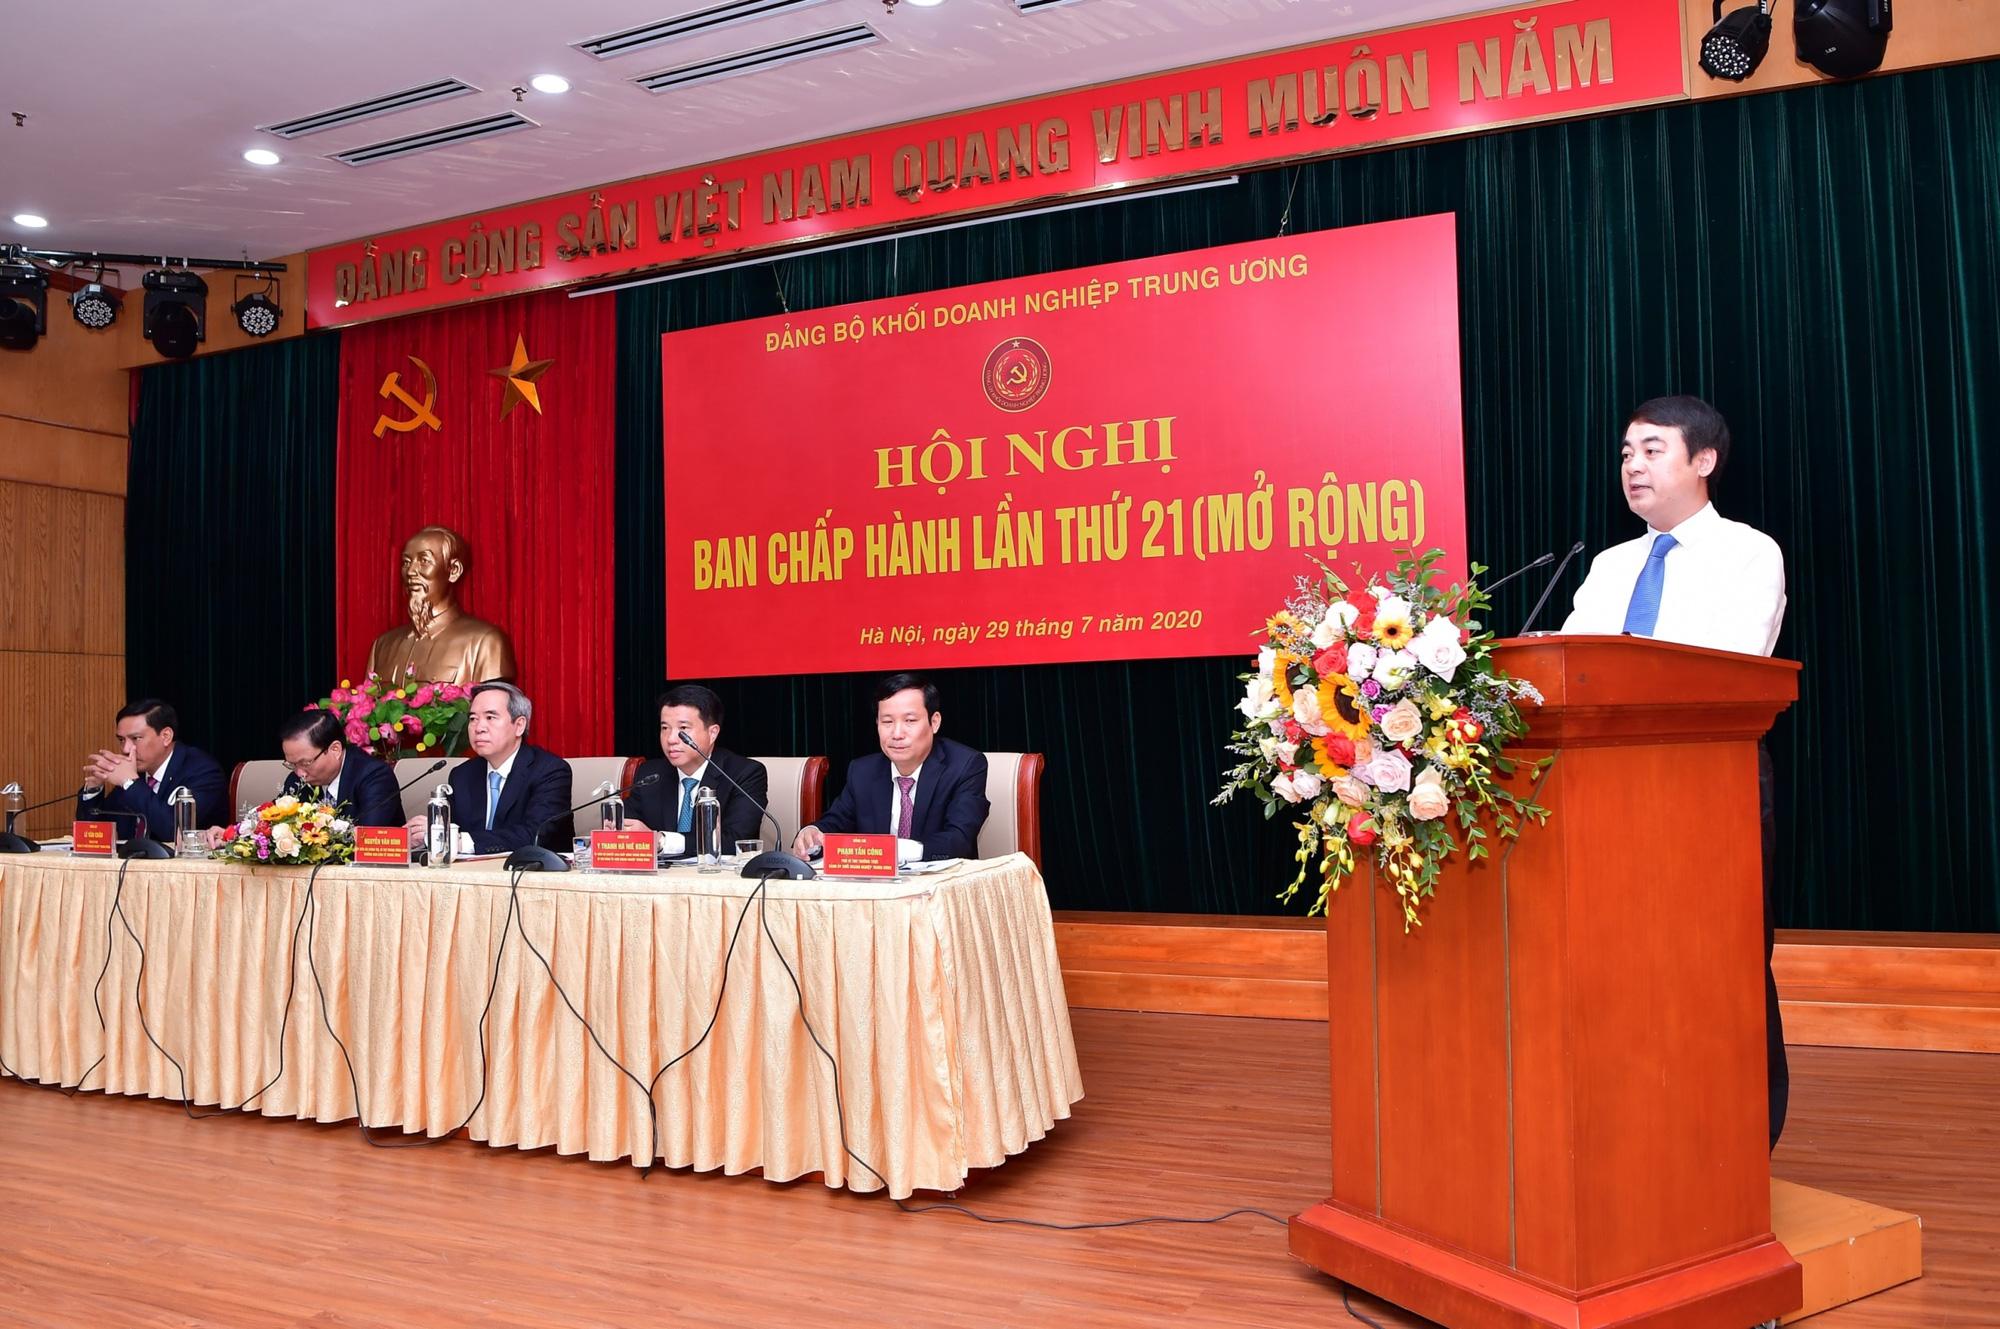 Chủ tịch HĐQT Vietcombank giữ chức Ủy viên Ban Thường vụ Đảng ủy Khối Doanh nghiệp Trung ương - Ảnh 4.